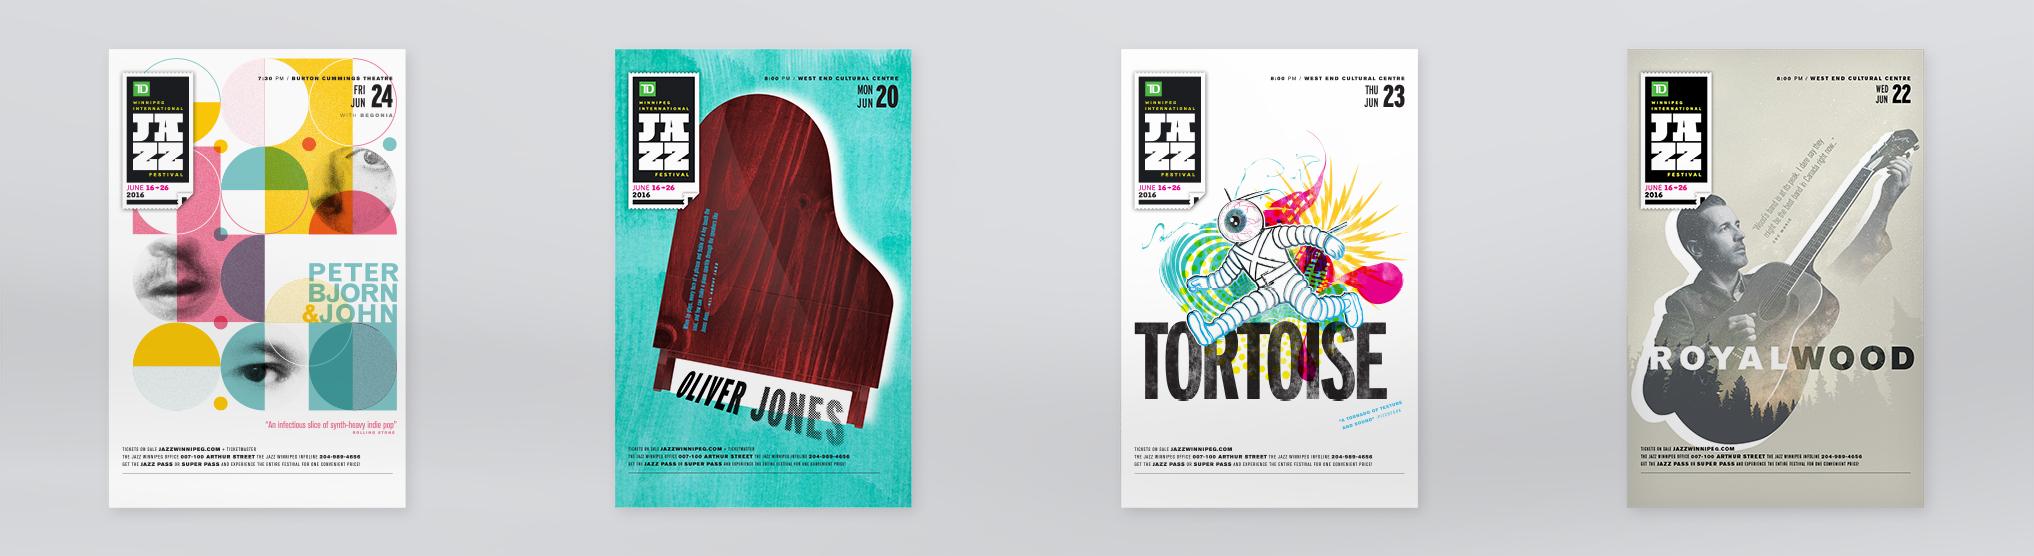 International Winnipeg Jazz Festival poster slide